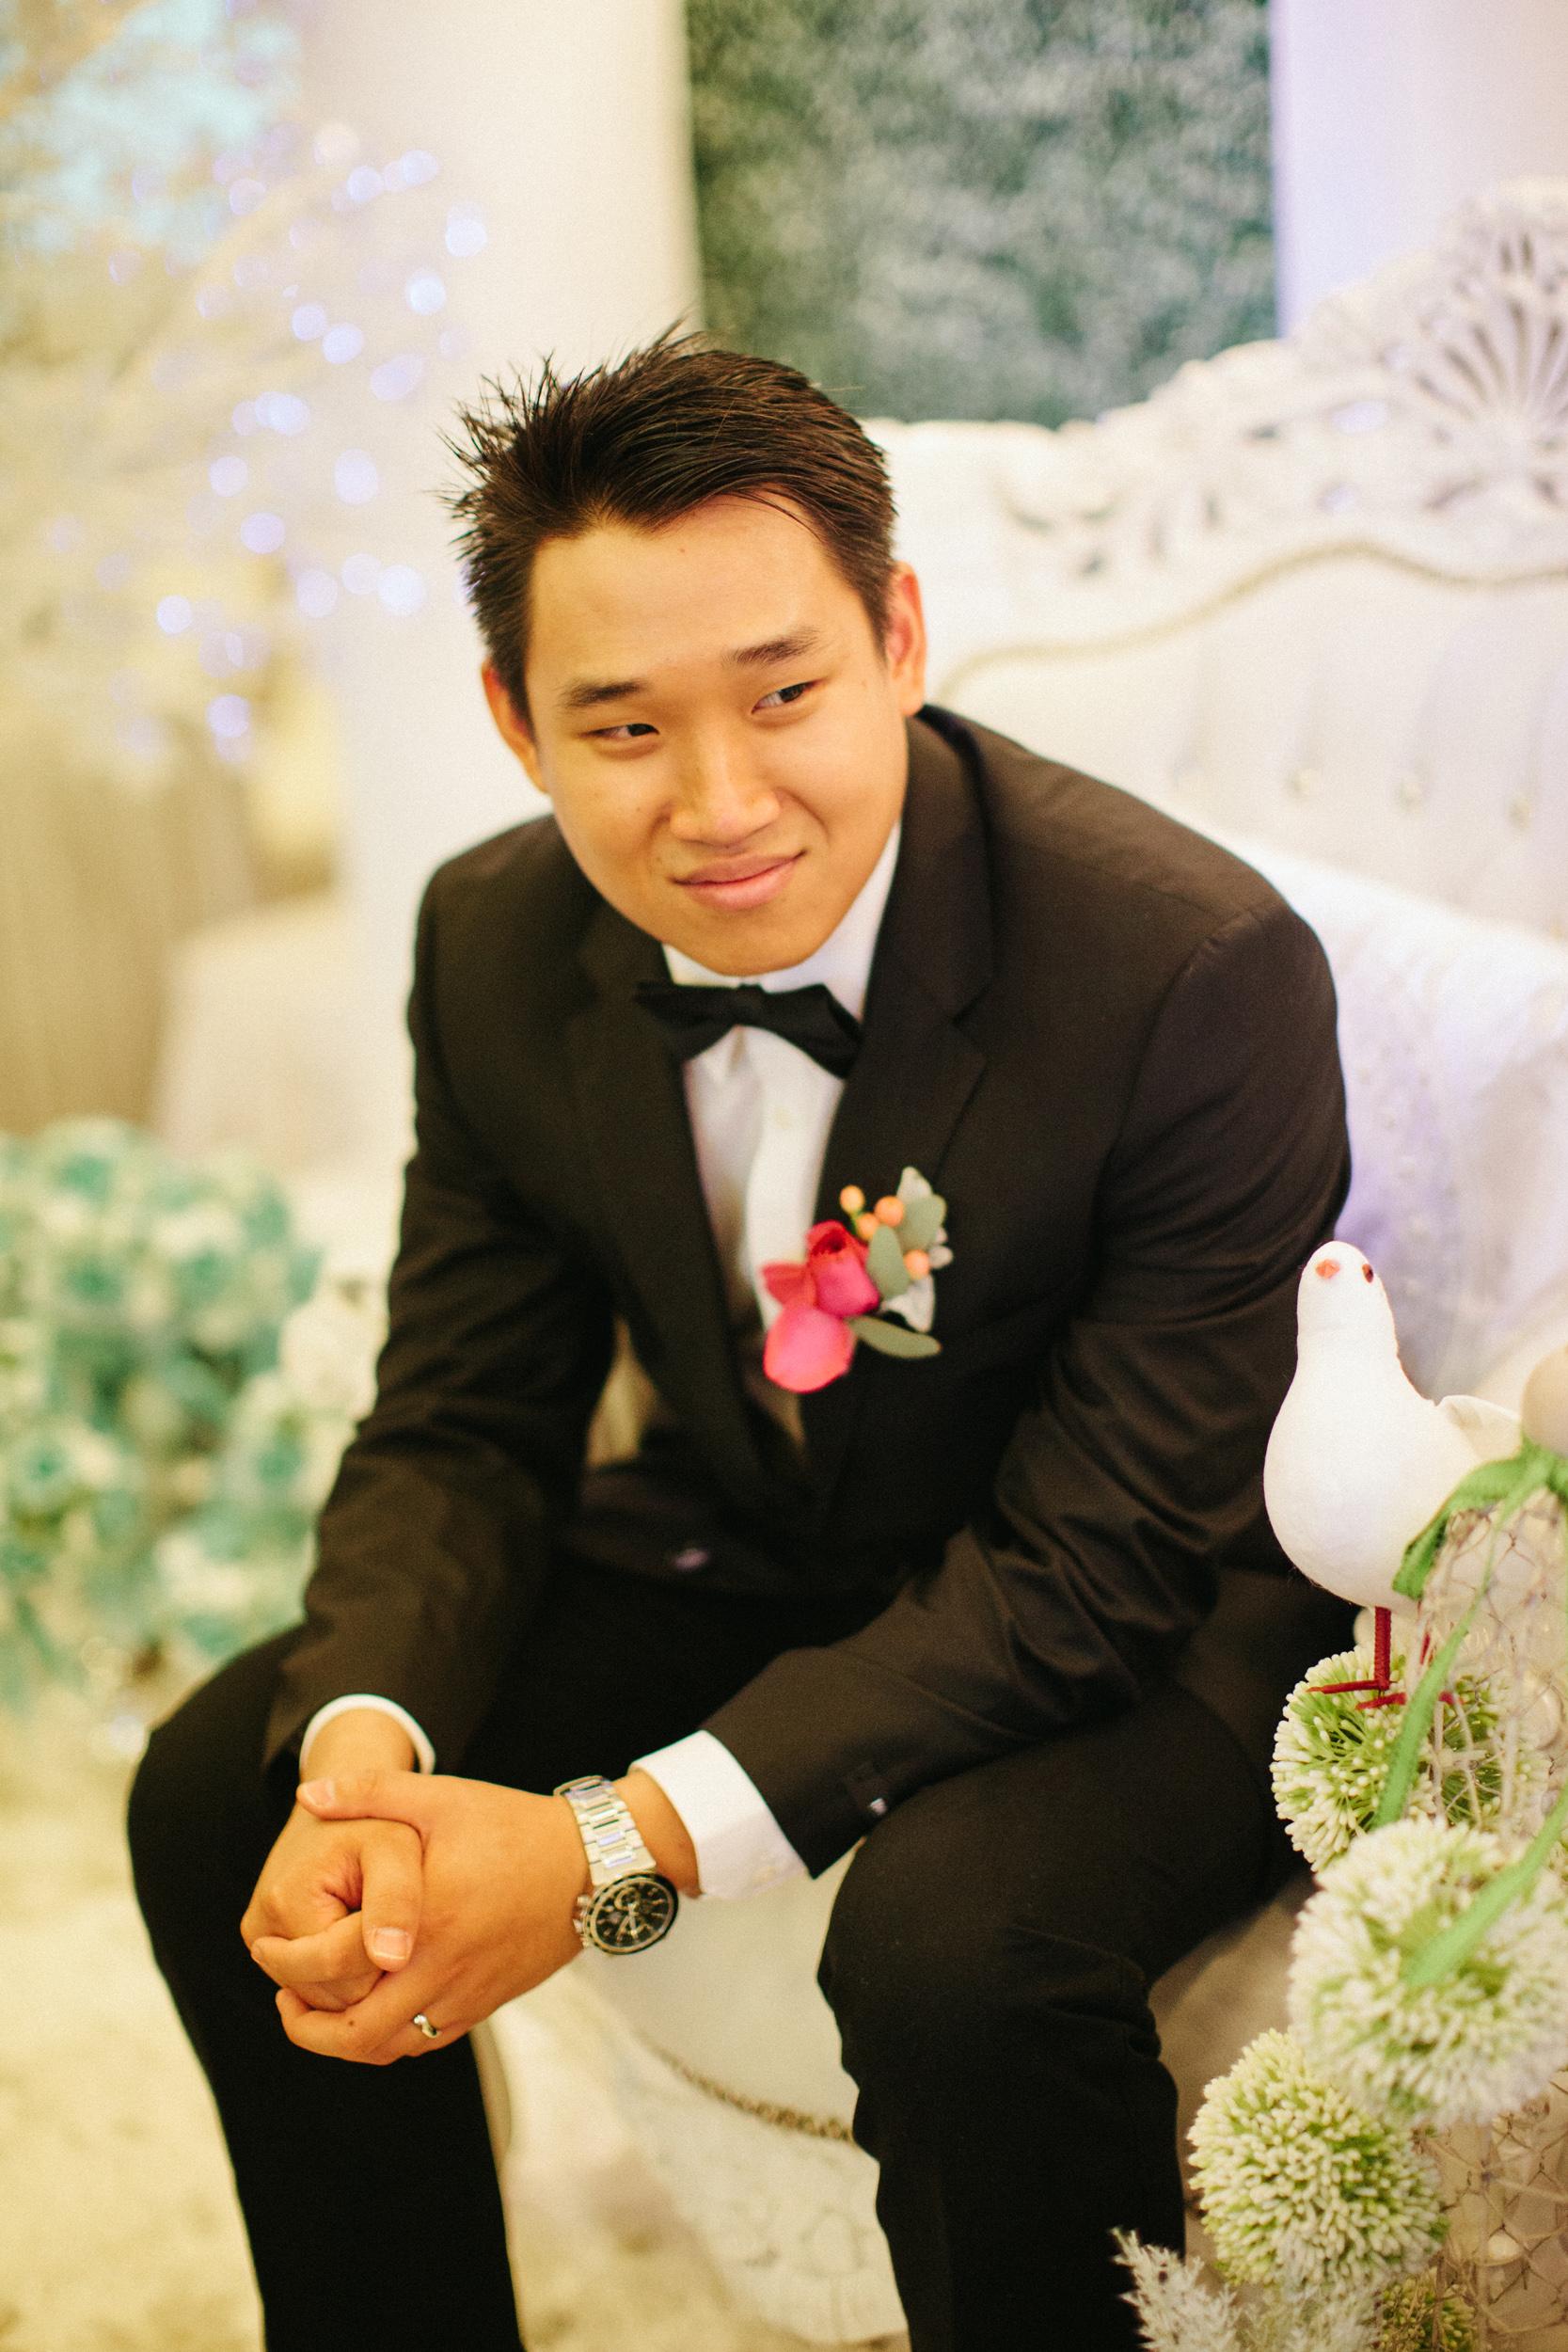 singapore-wedding-photographer-wemadethese-shikin-yanho-032.jpg